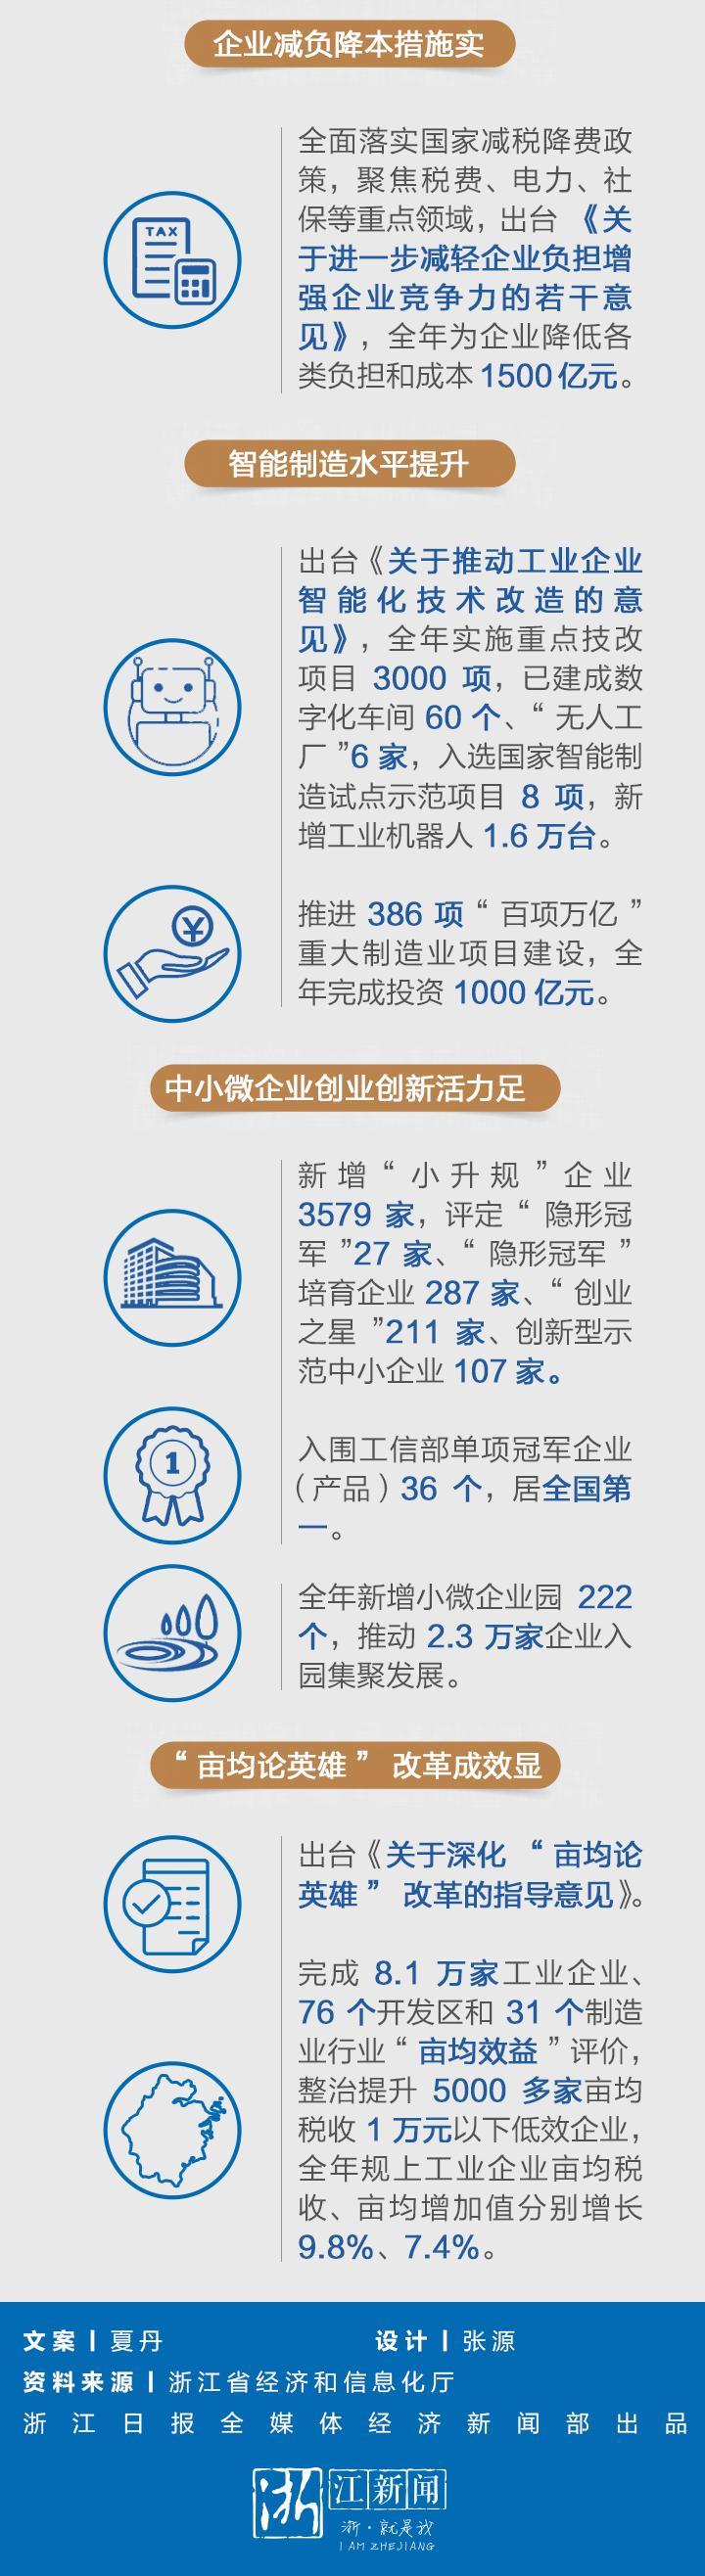 浙江工业成绩单新鲜出炉_03.jpg